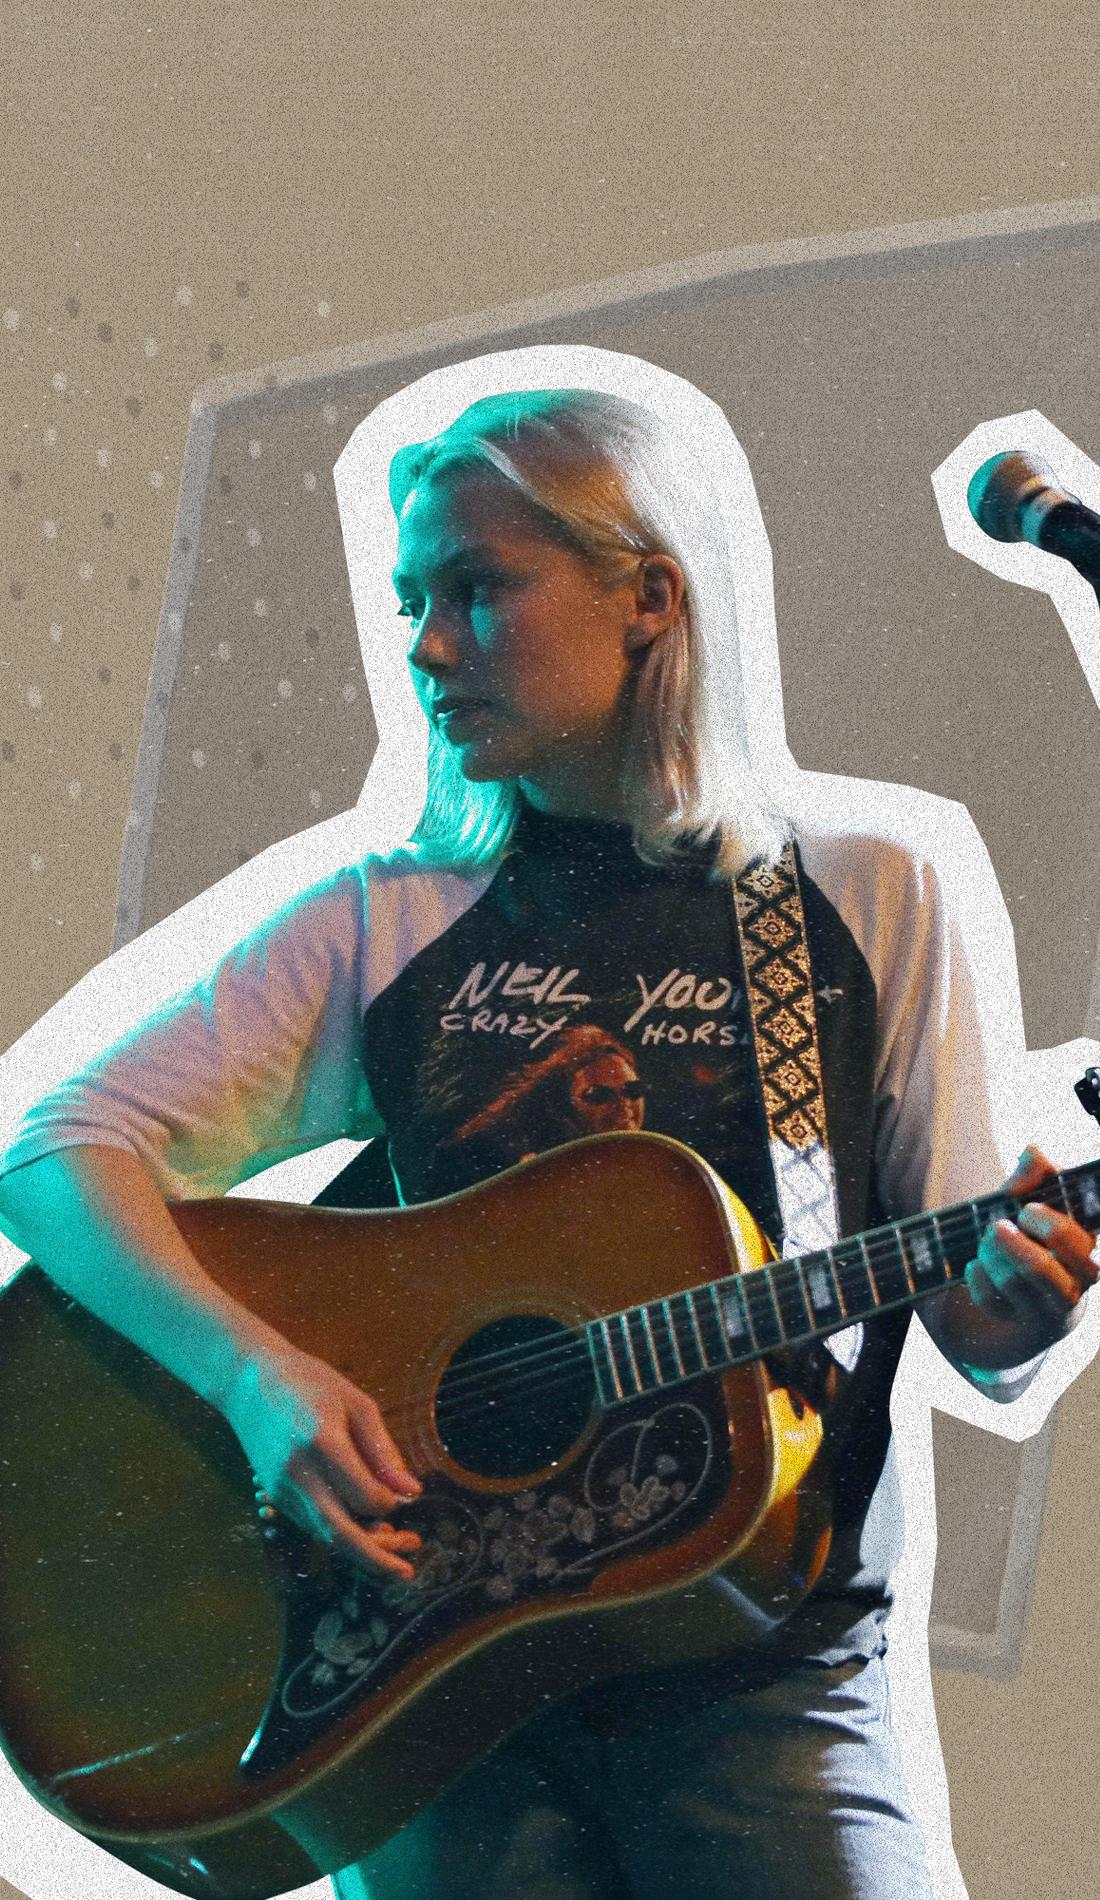 A Phoebe Bridgers live event